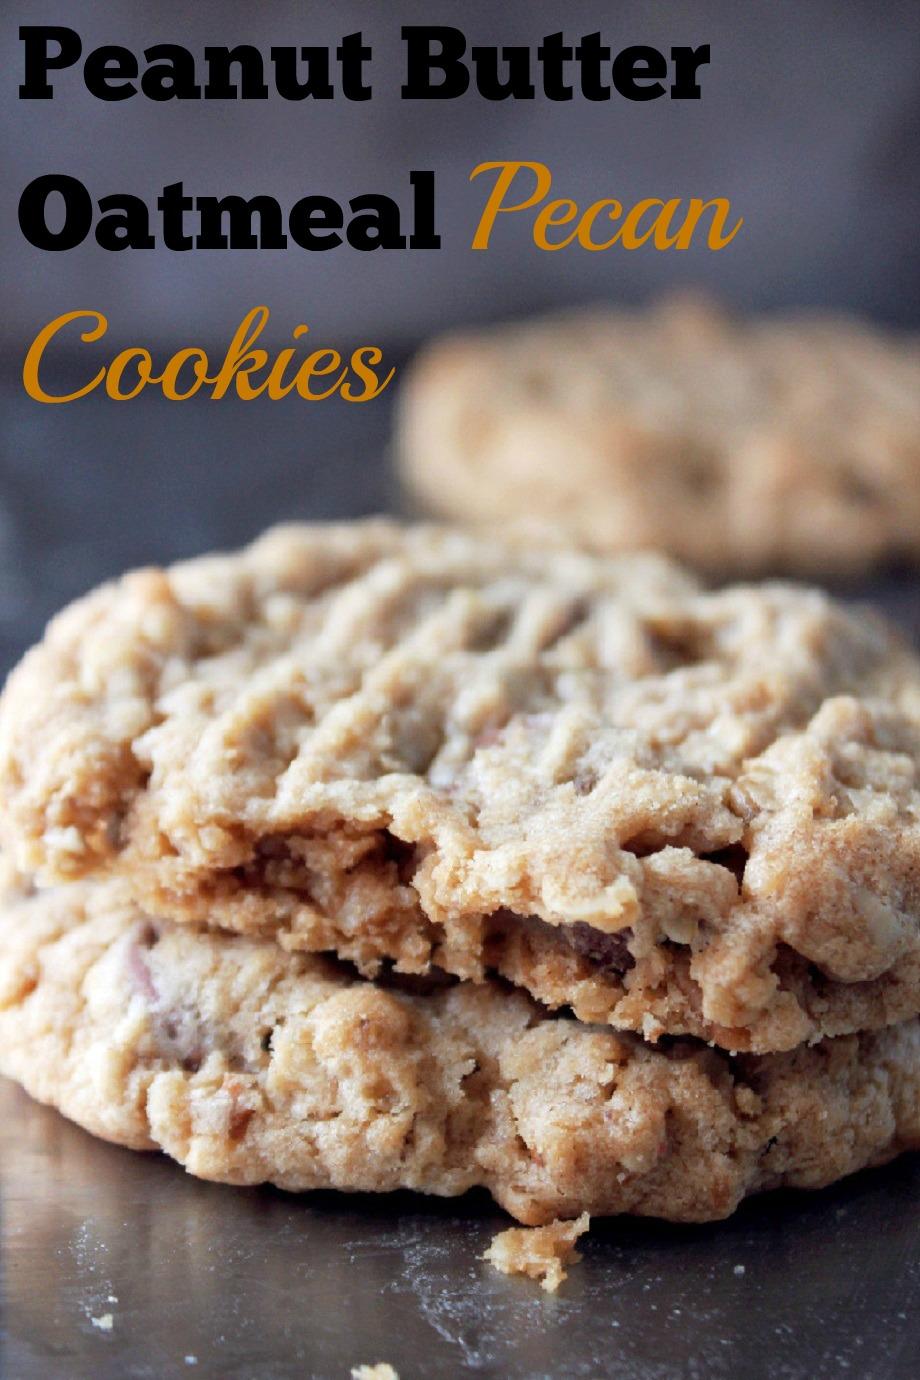 Peanut Butter Oatmeal Pecan Cookies - Creole Contessa